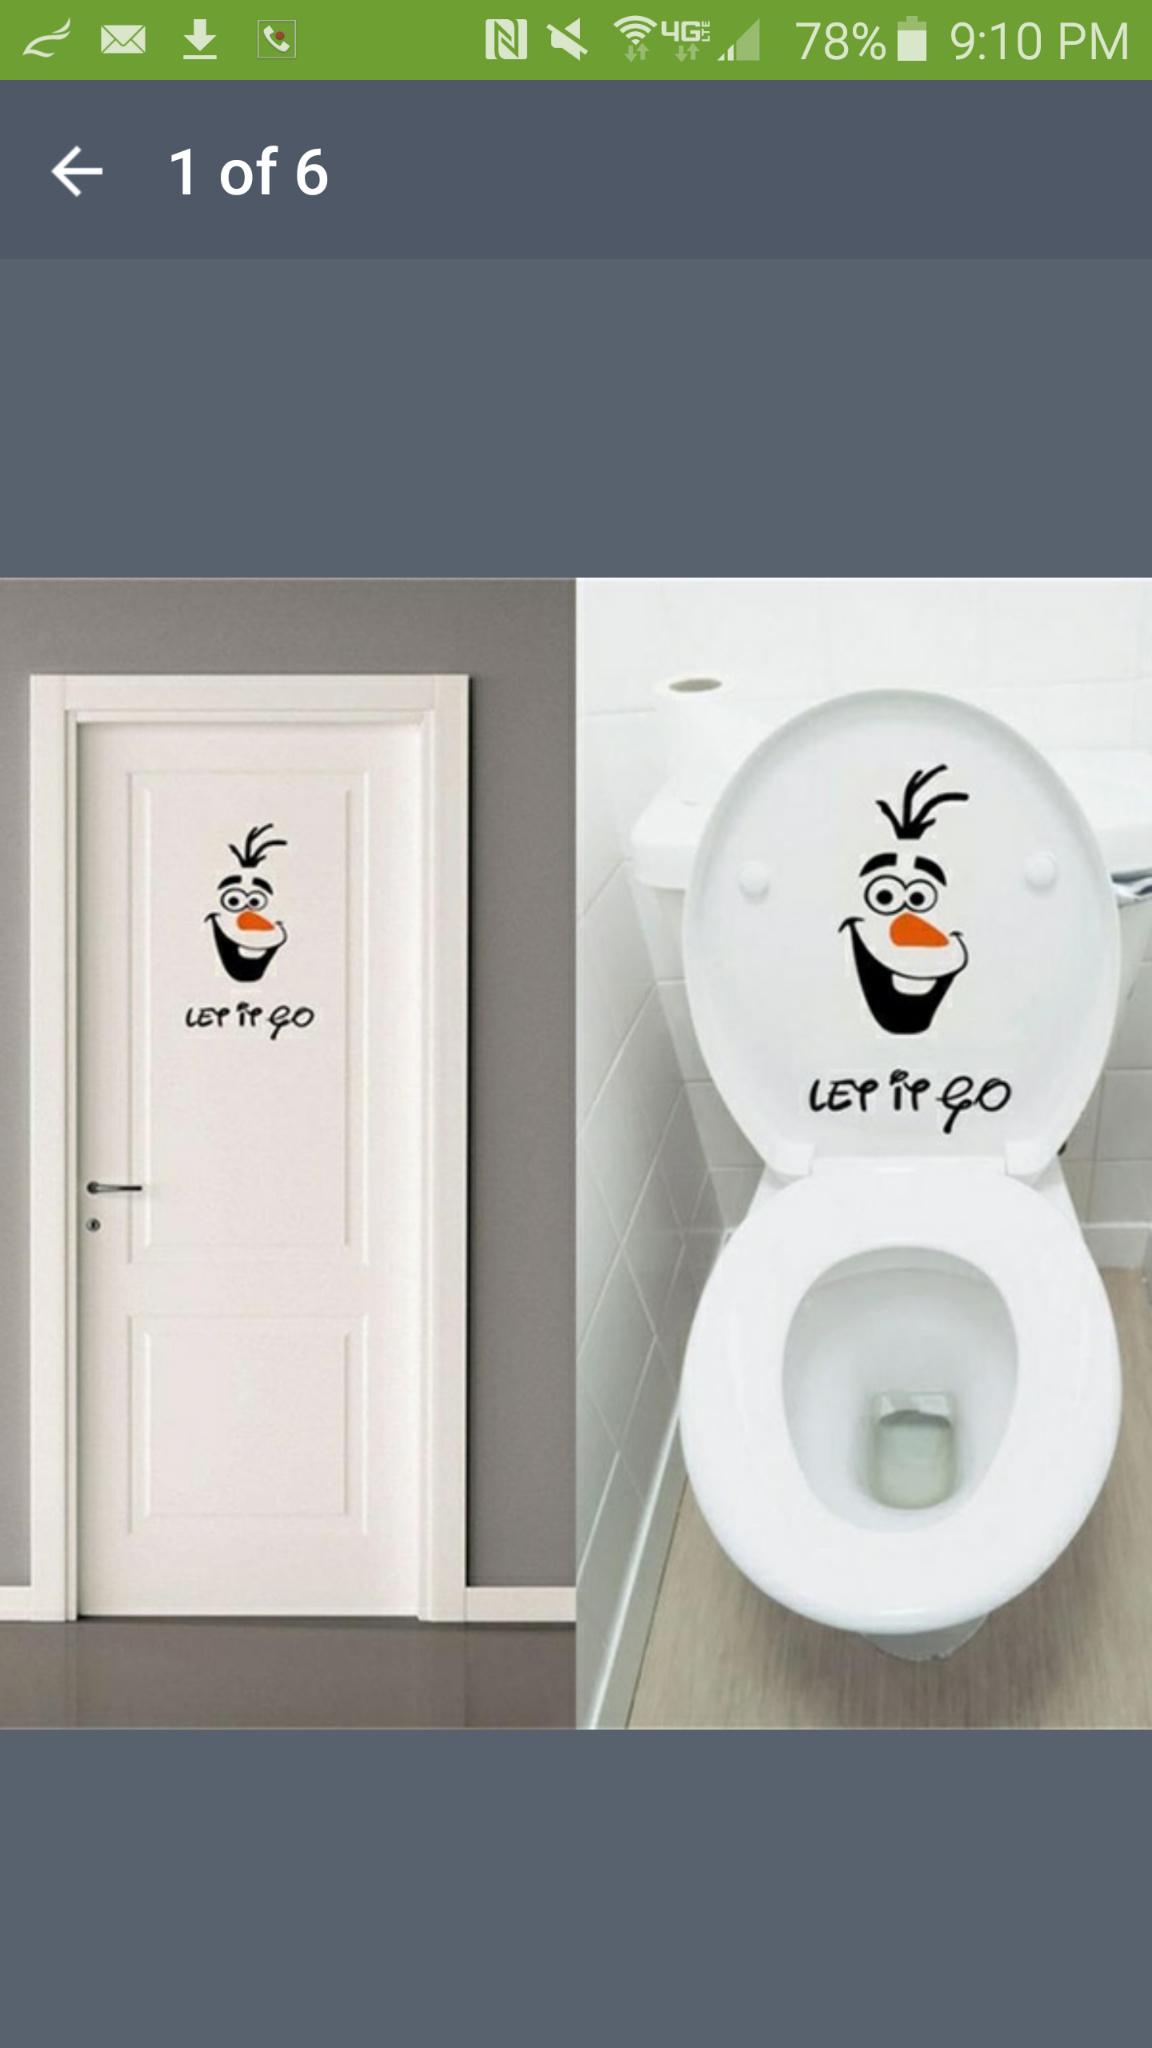 Let it go! - meme